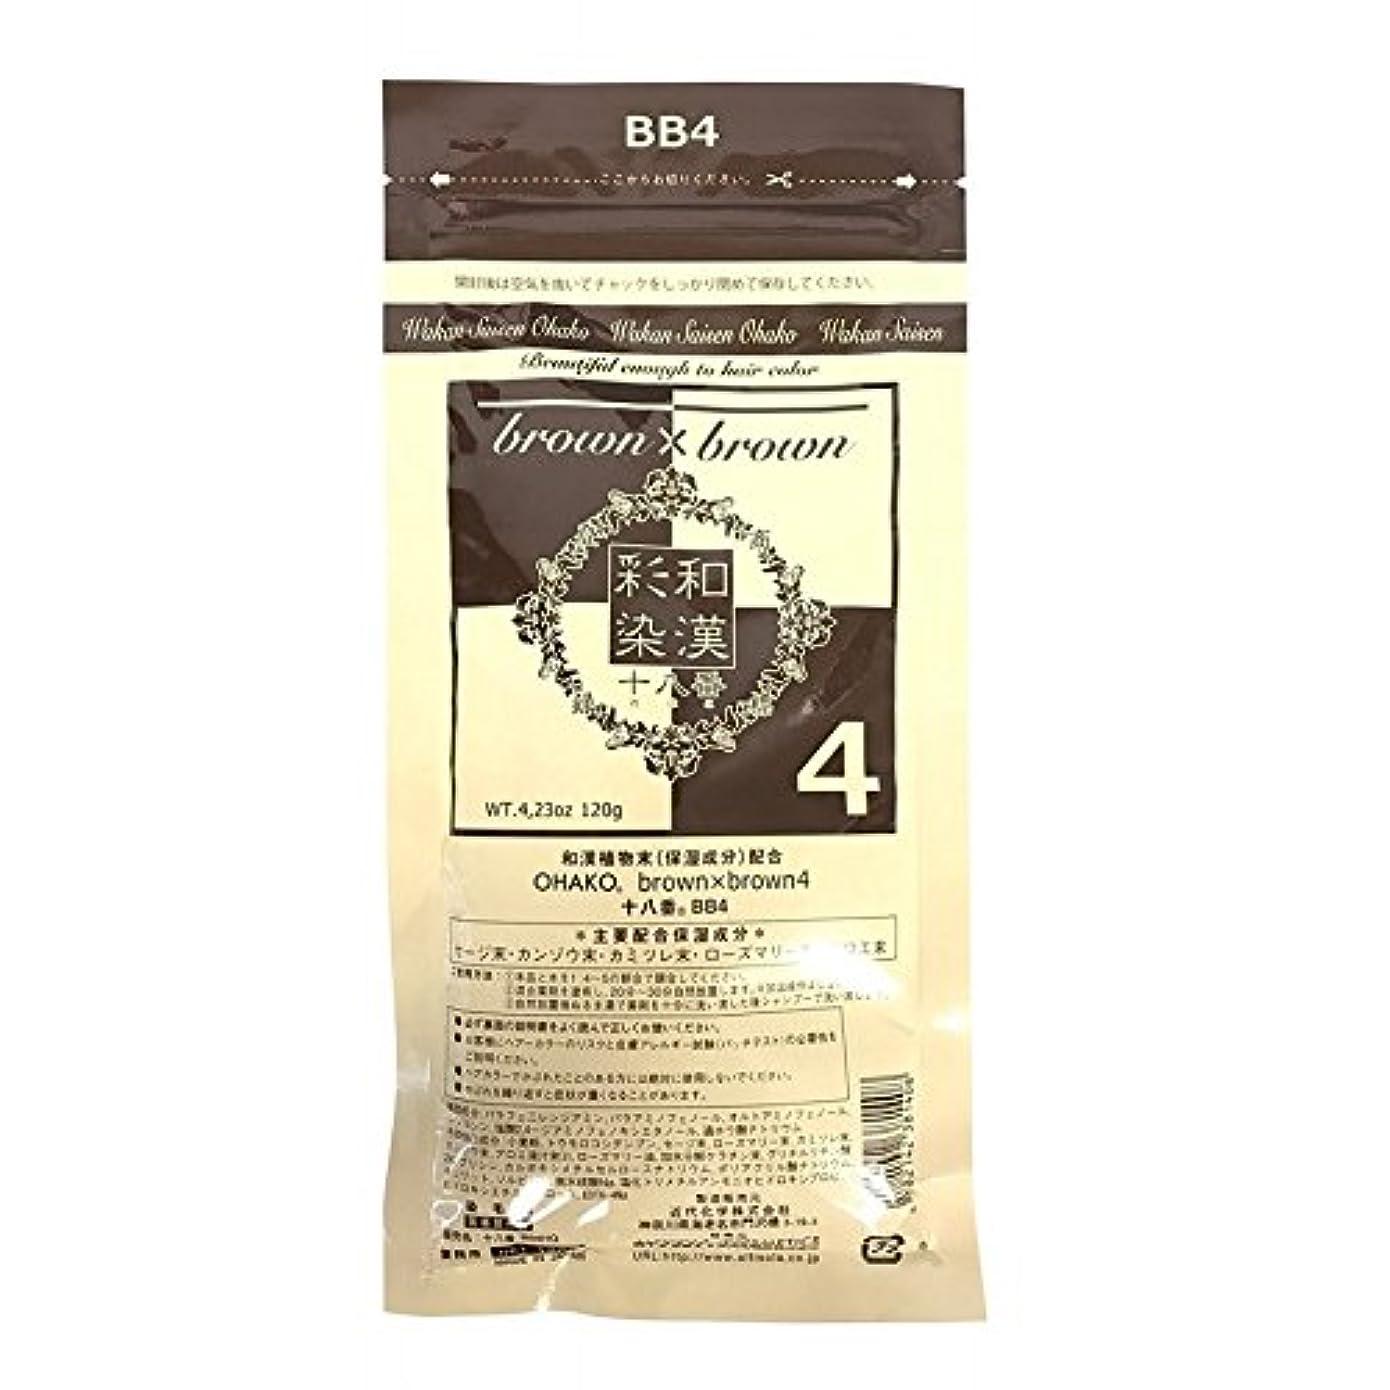 バケットメディックプレゼンターグランデックス 和漢彩染 ブロコローレ BB4 120g